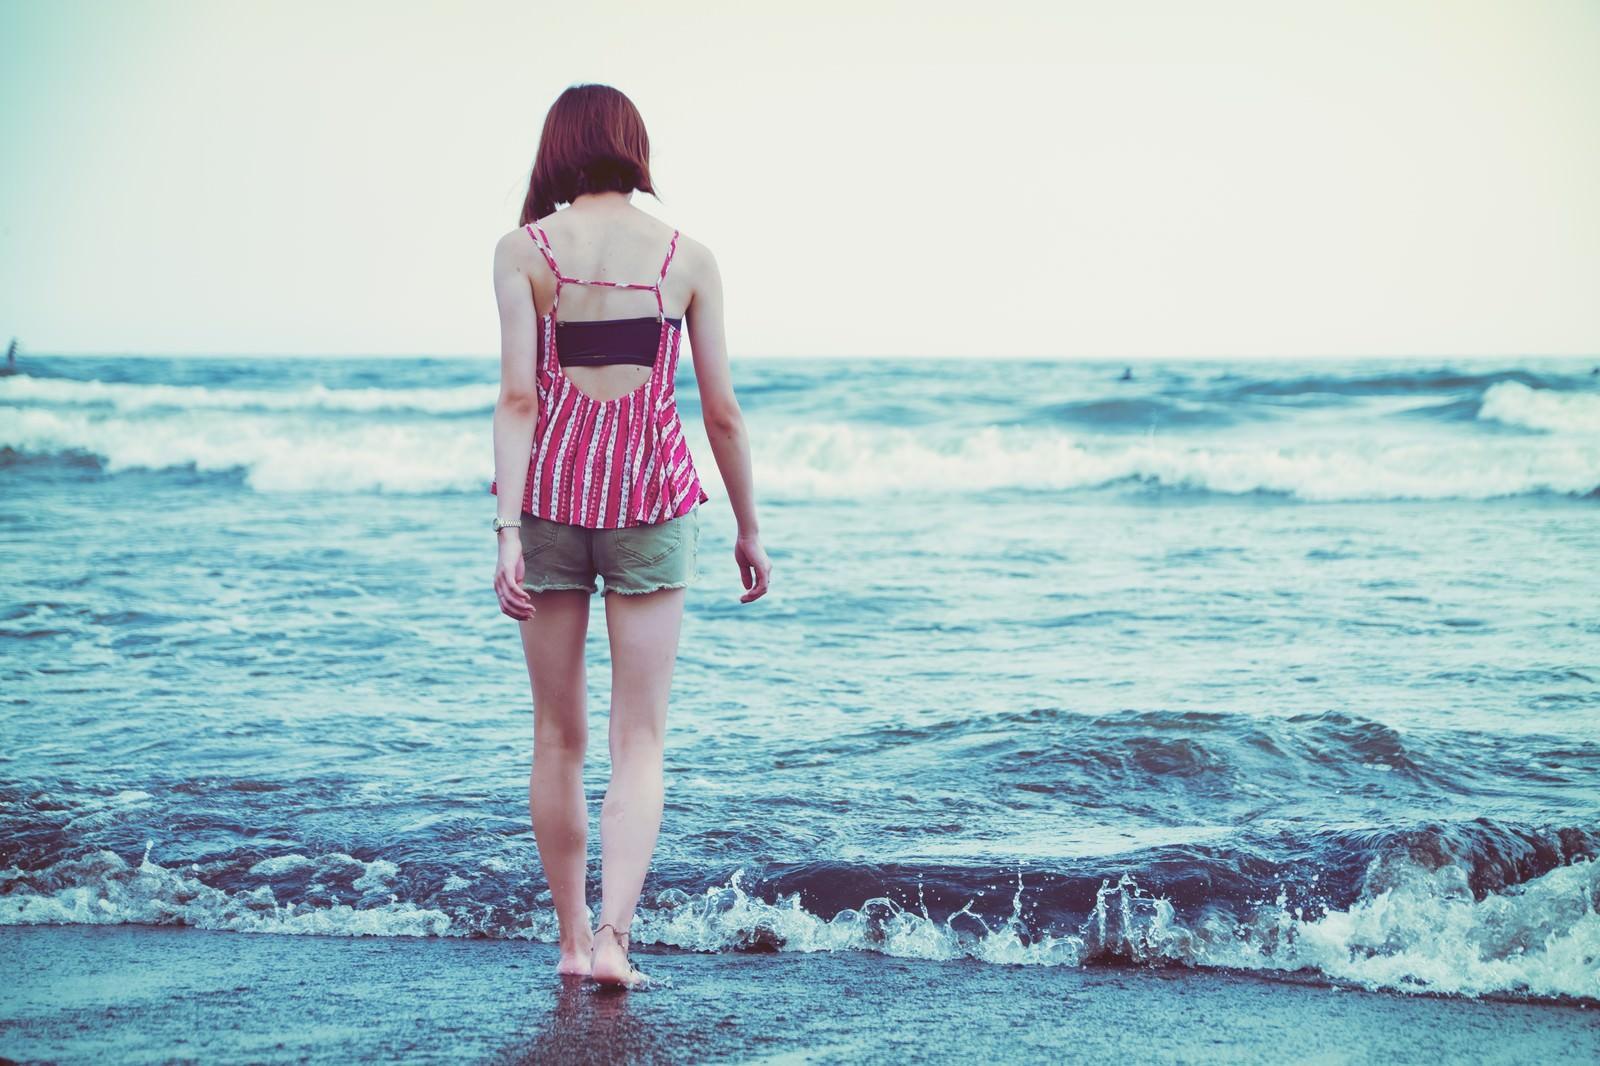 「波打ち際を裸足で歩く若い女性」の写真